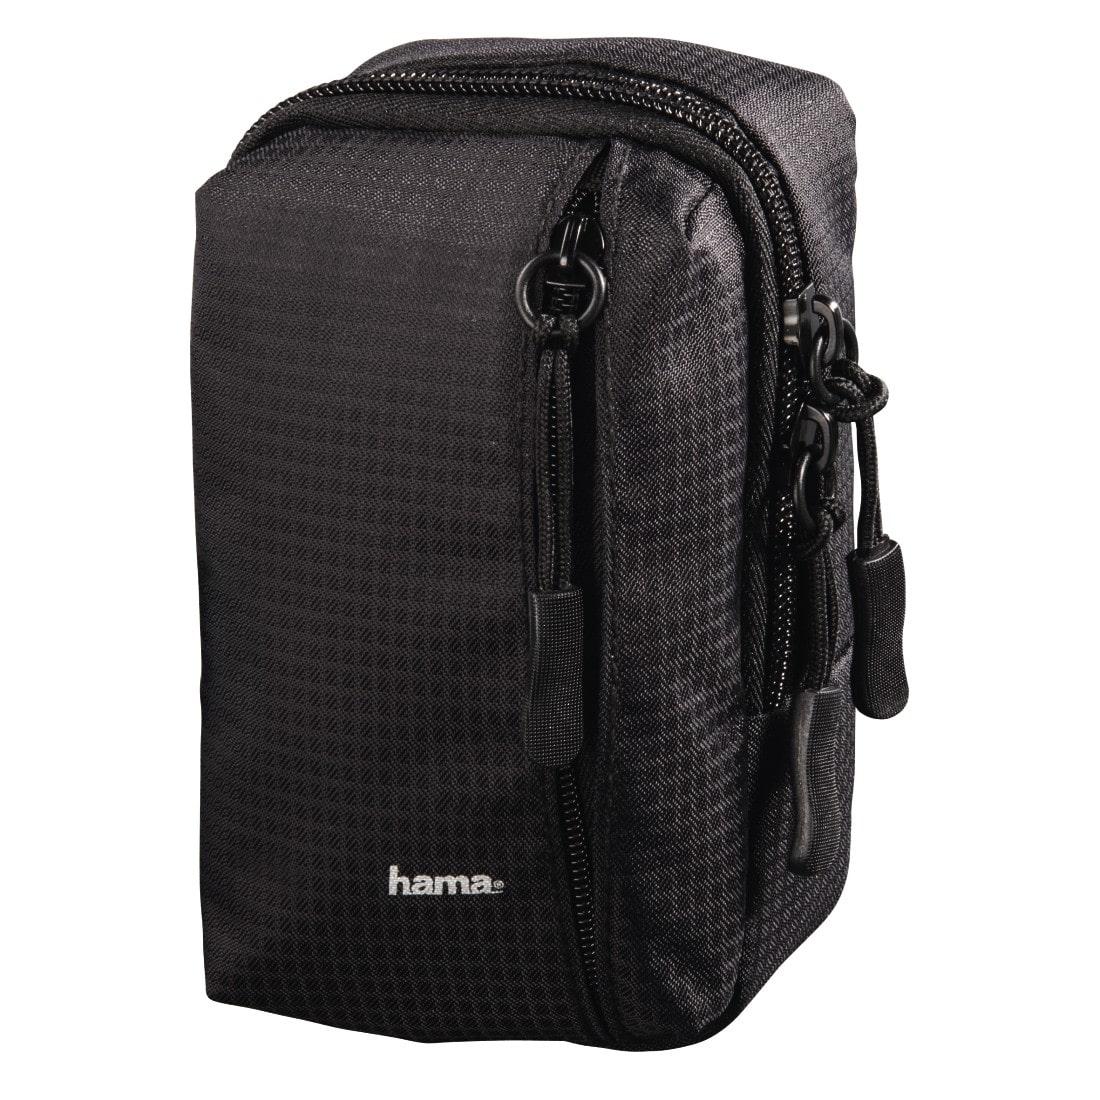 Hama Tasche Fancy Sporty 80M schwarz